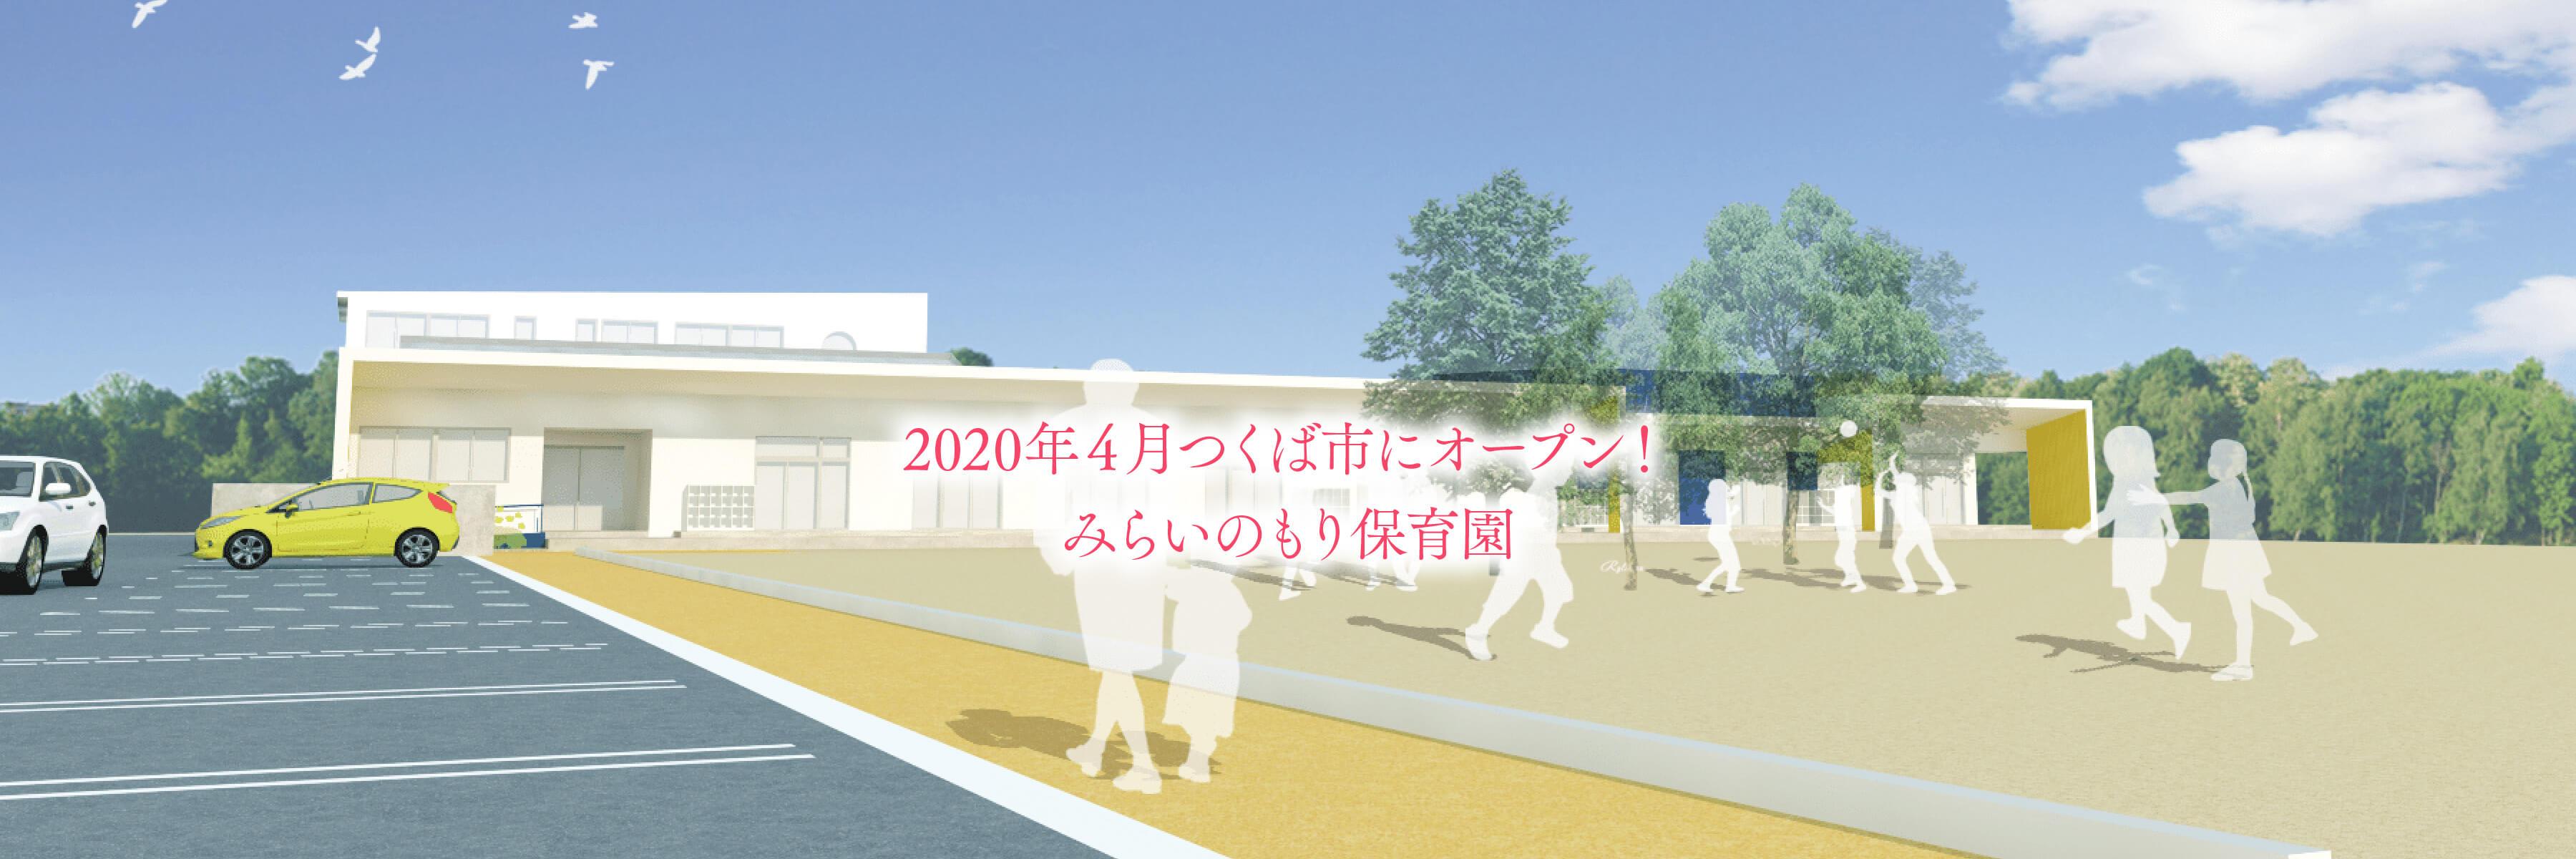 2020年4月つくば市にオープン!みらいのもり保育園|関耀会 みらいのもり保育園